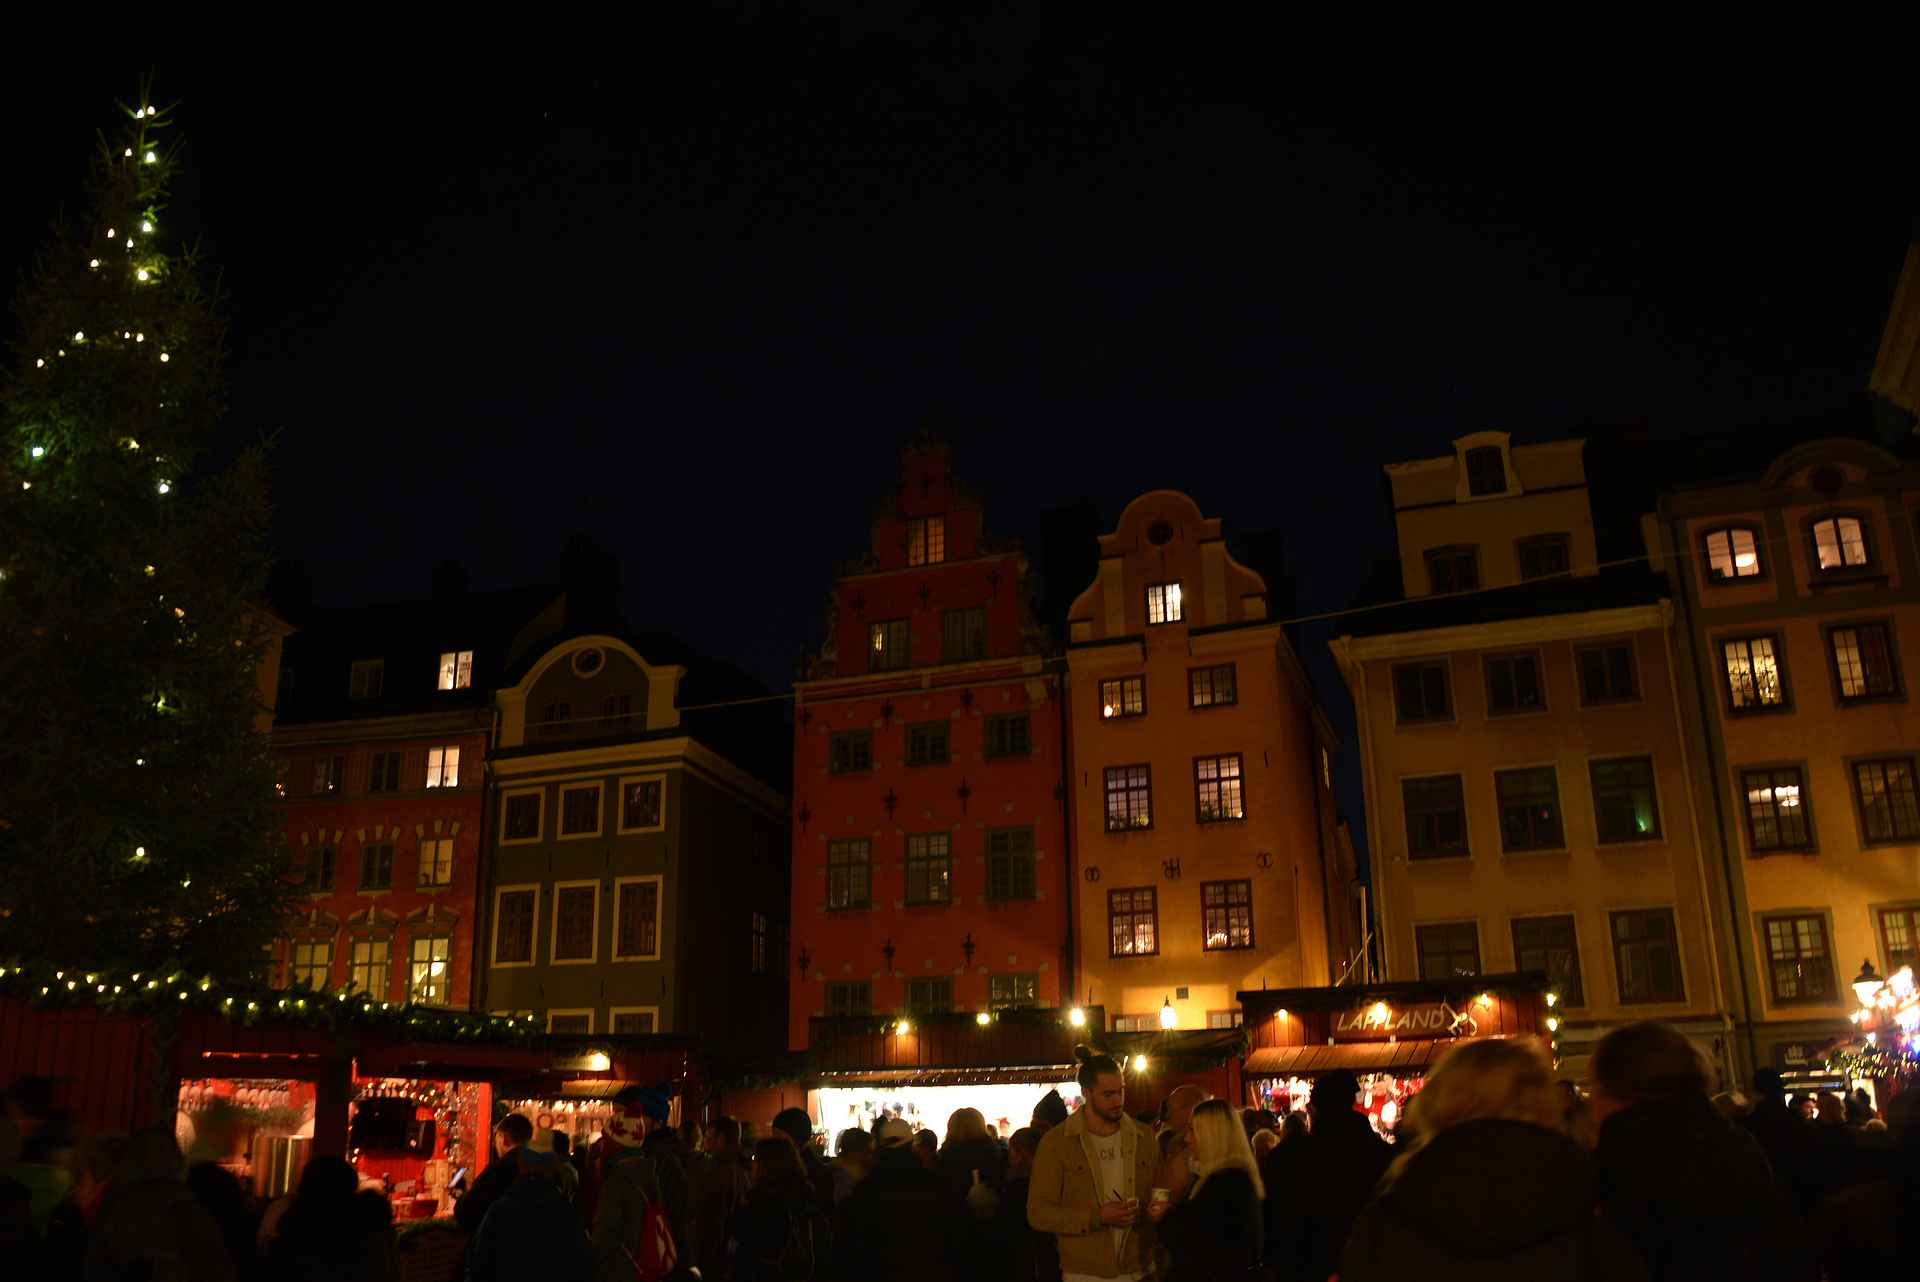 Vanhan kaupungin joulumarkkinat ovat parhaimmillaan illalla juuri ennen sulkemisaikaa.